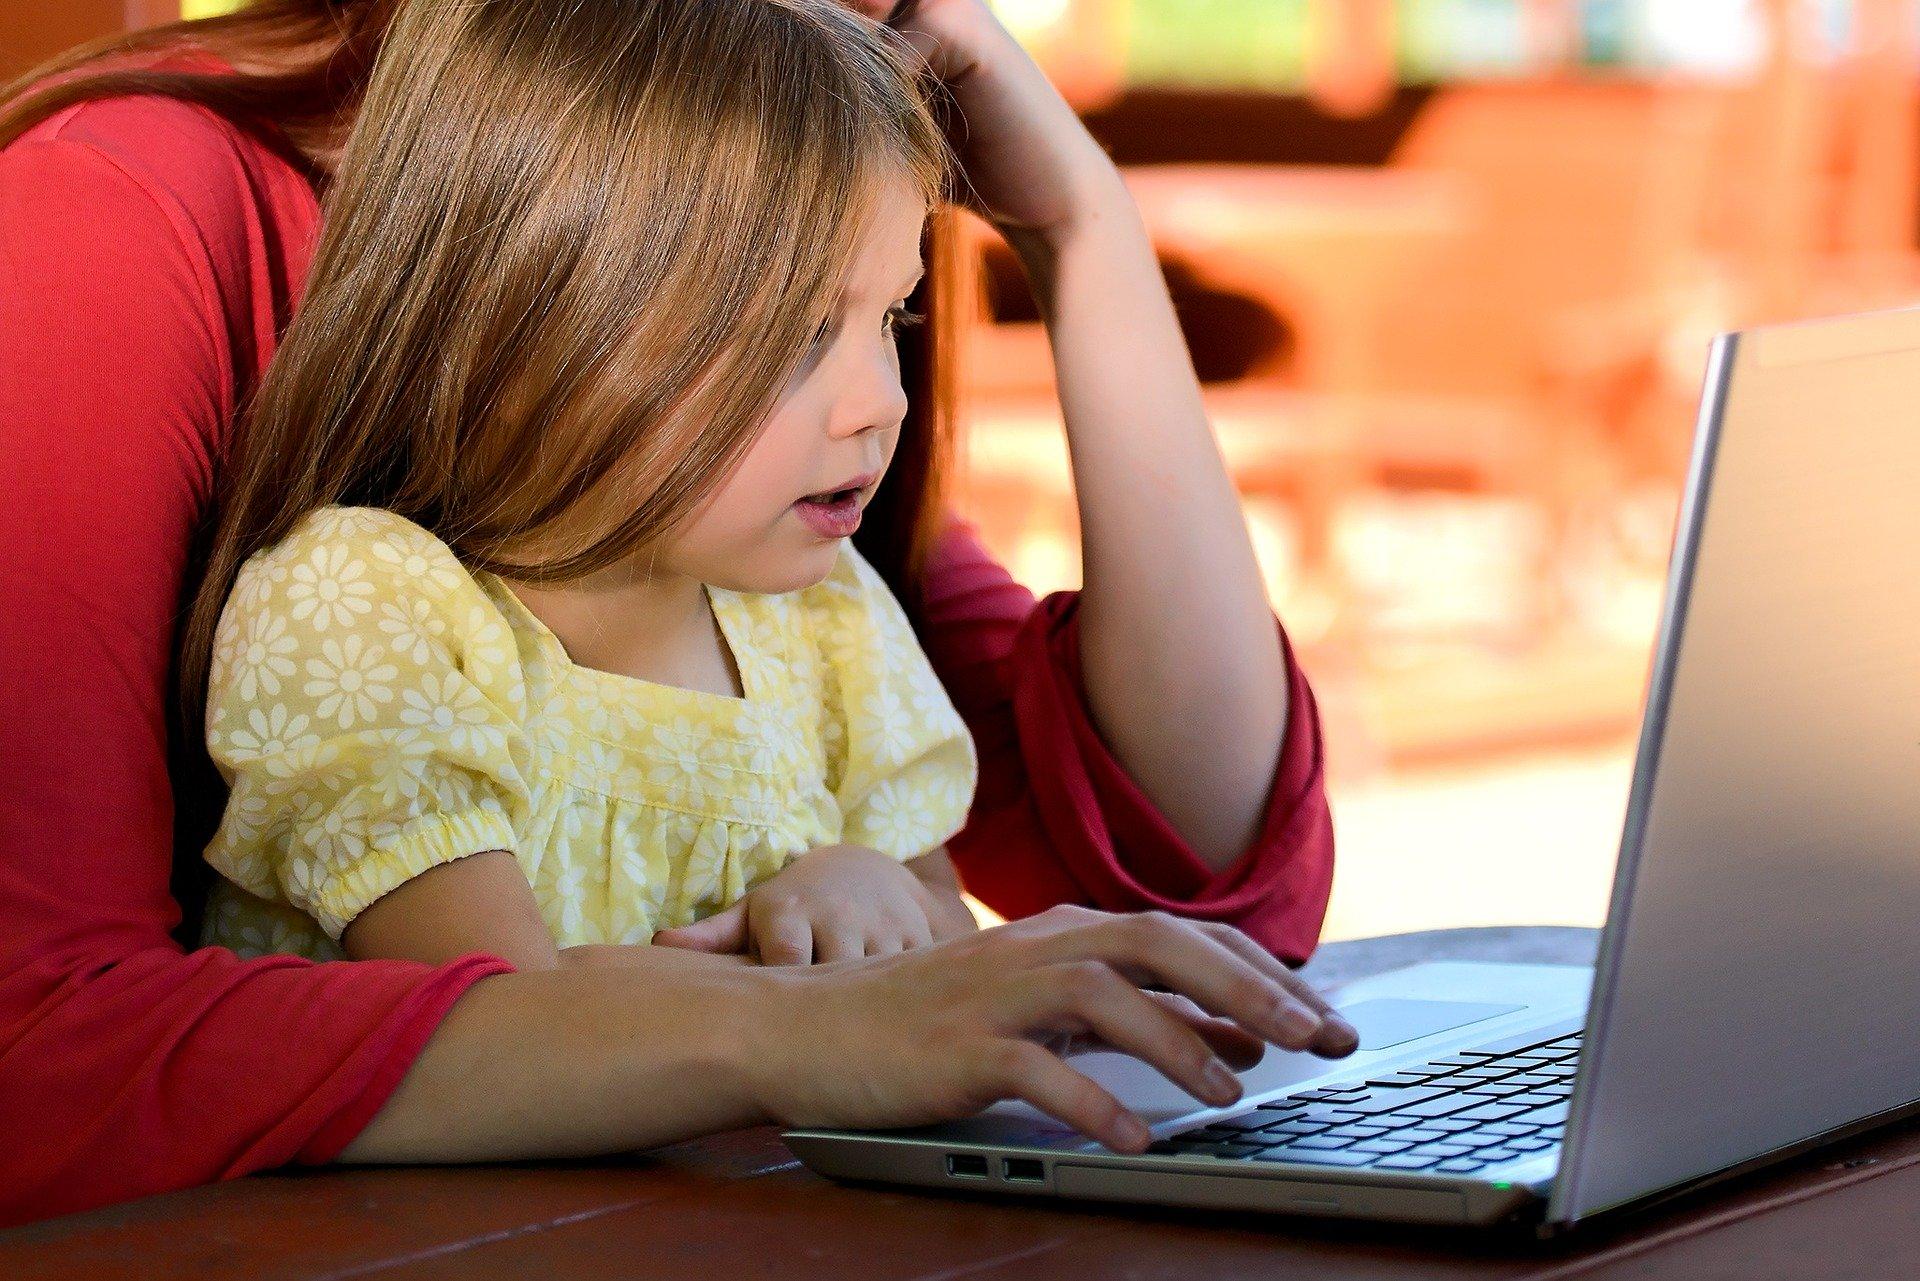 child 1073638 1920 - Thuiswerken en cybercrime - thuiswerken en cyberrisico